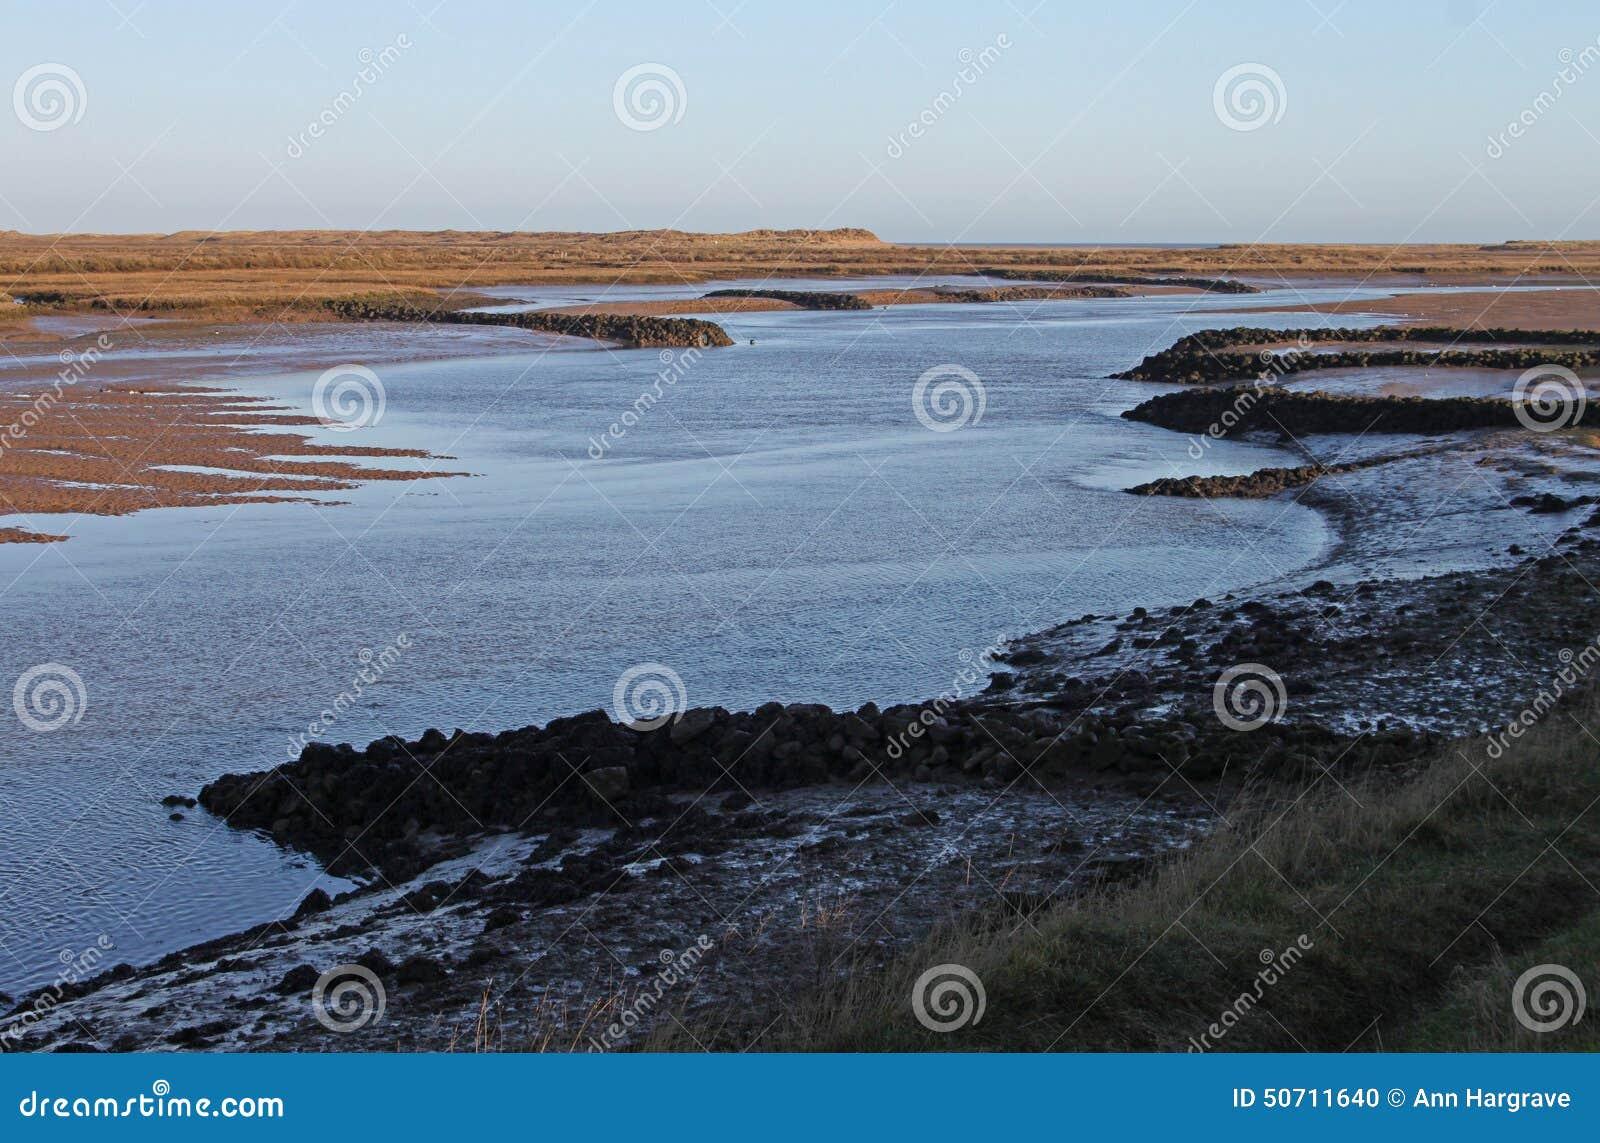 Madrugada, mareas hacia fuera, pasando por alto la región pantanosa